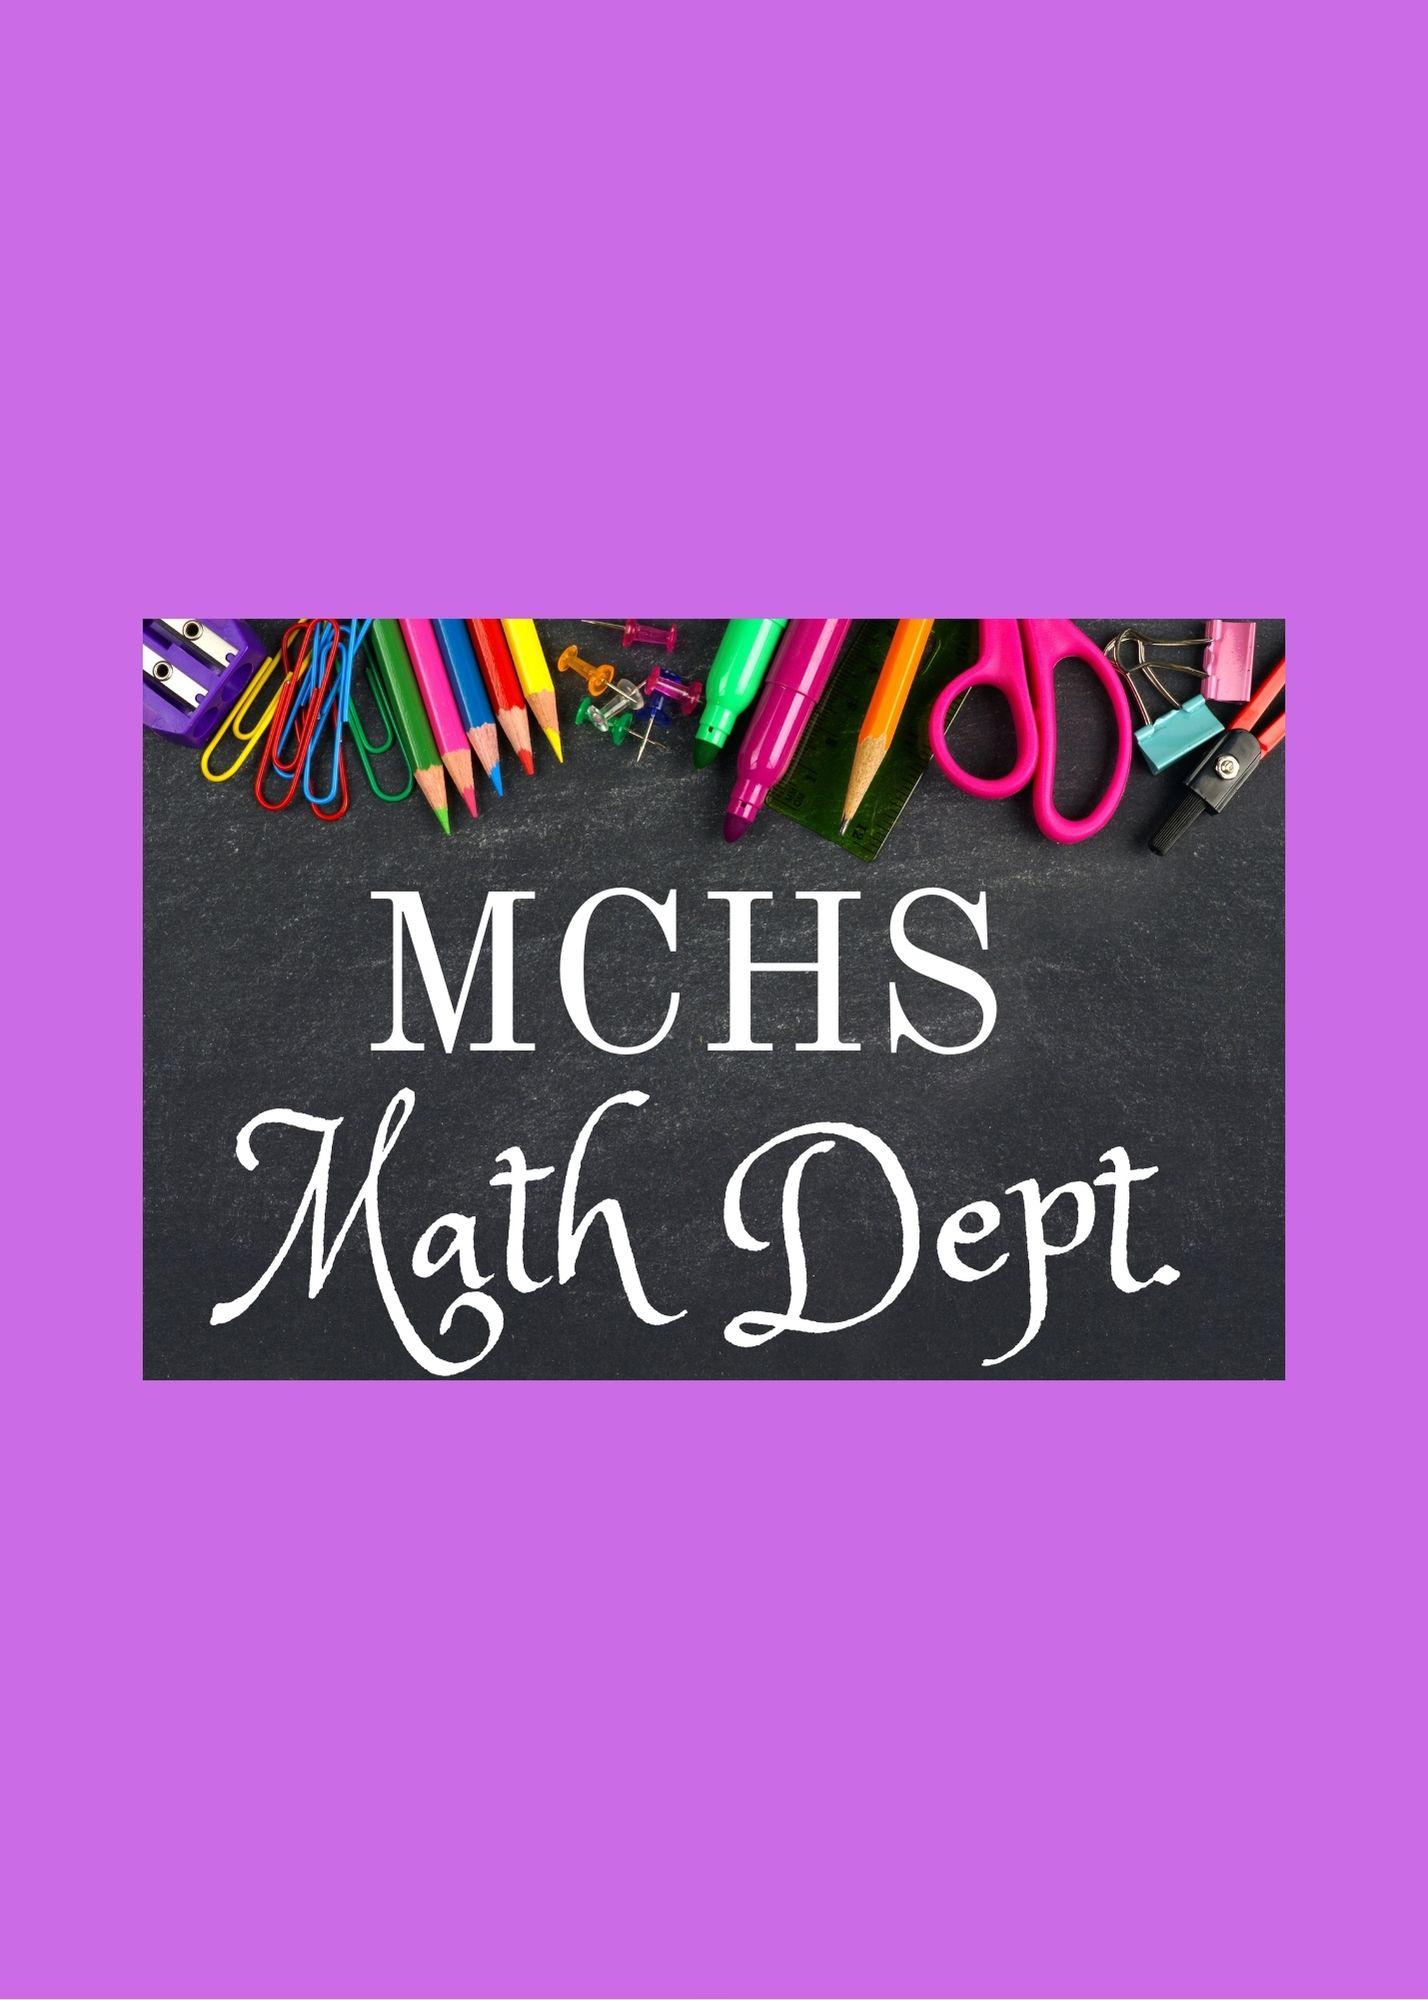 MCHS Math Dept supply list